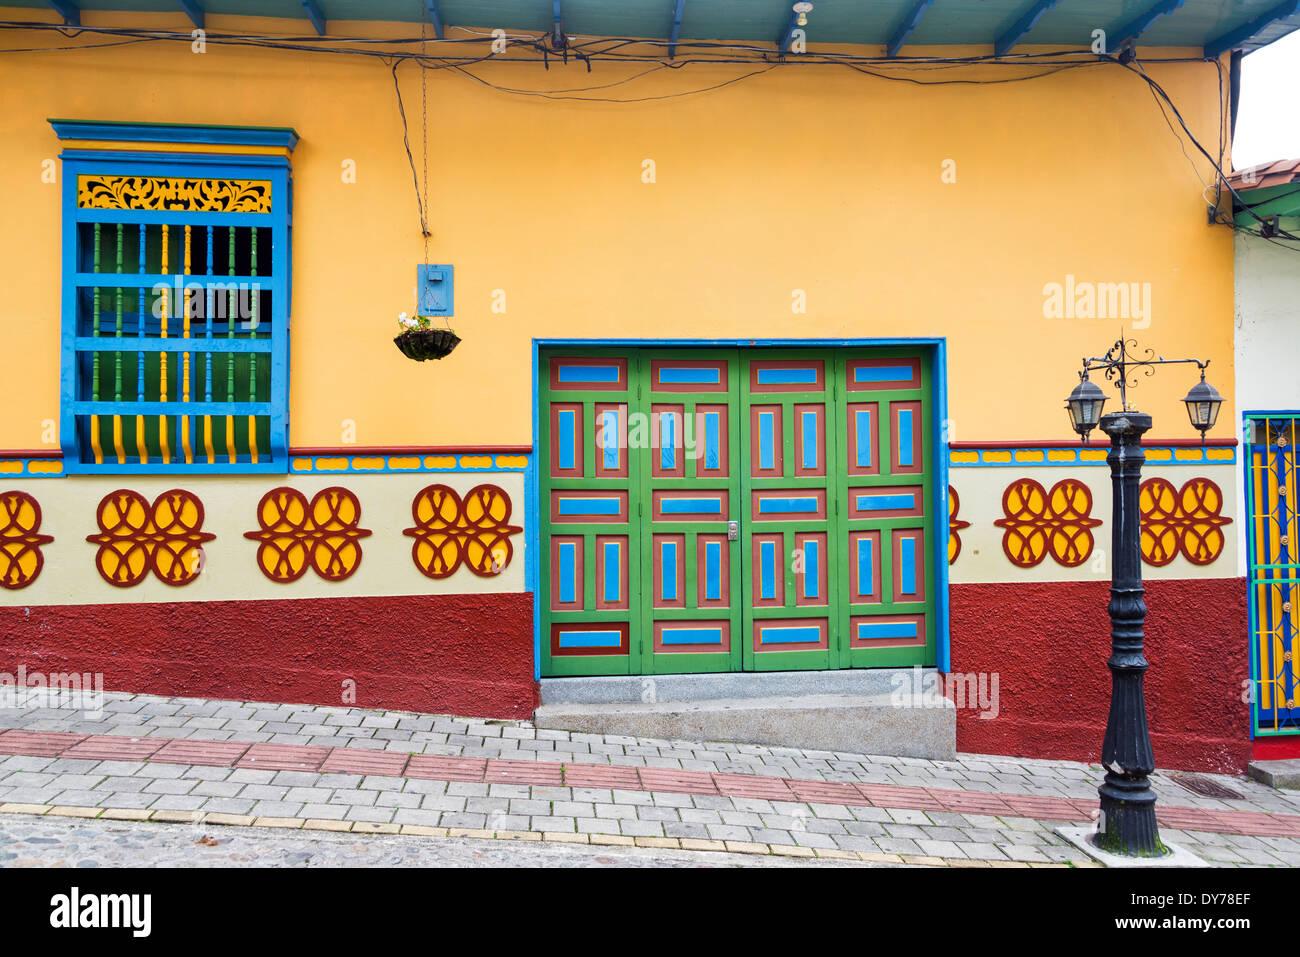 Vieille maison colorée à Guatape, Colombie Banque D'Images